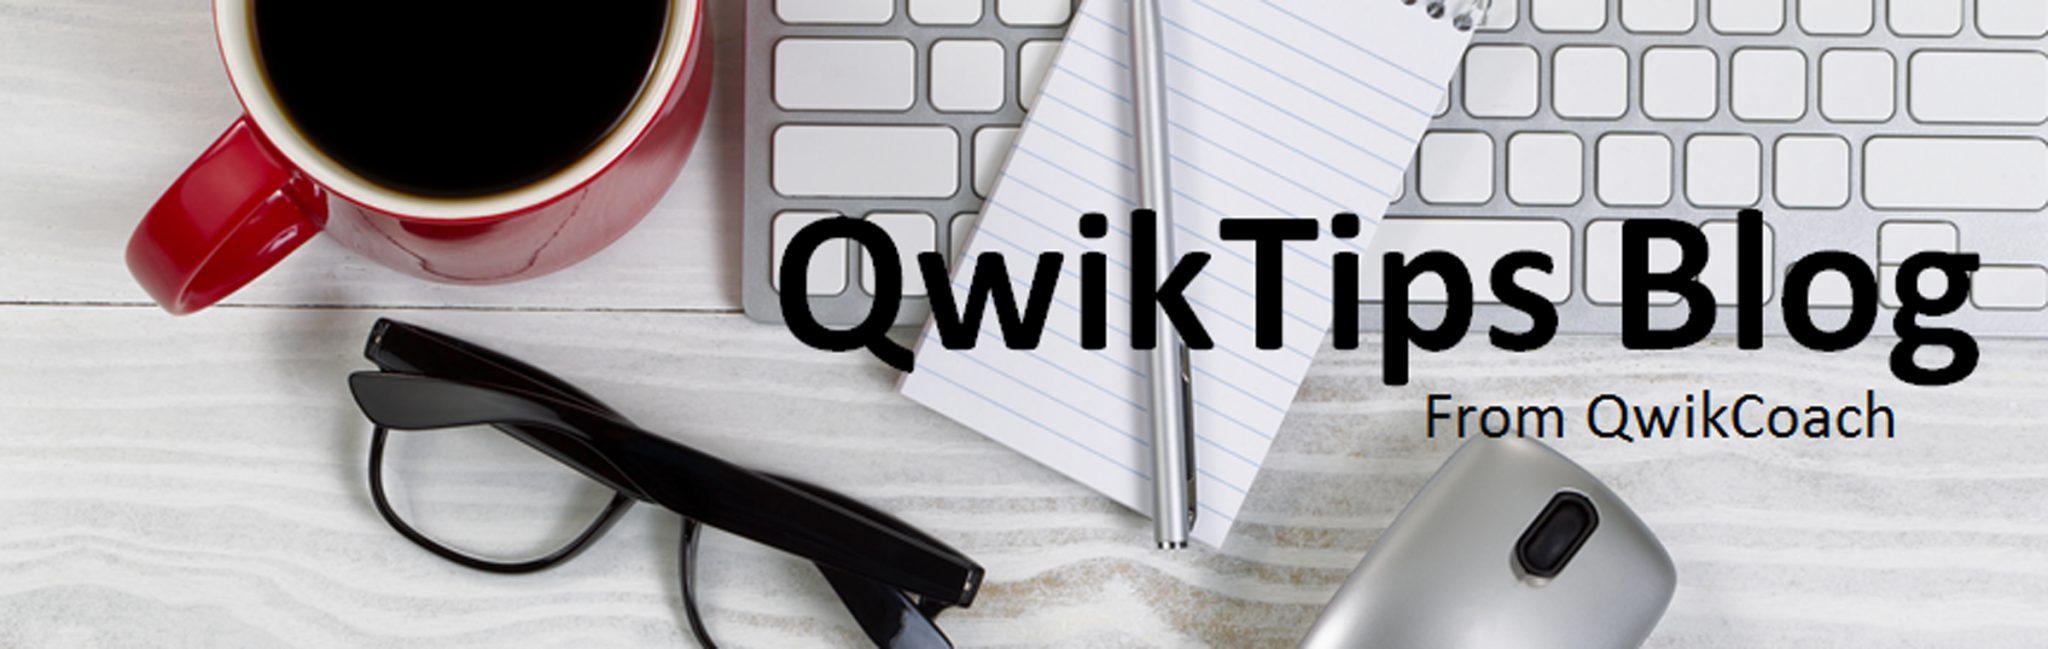 qwiktips blog banner